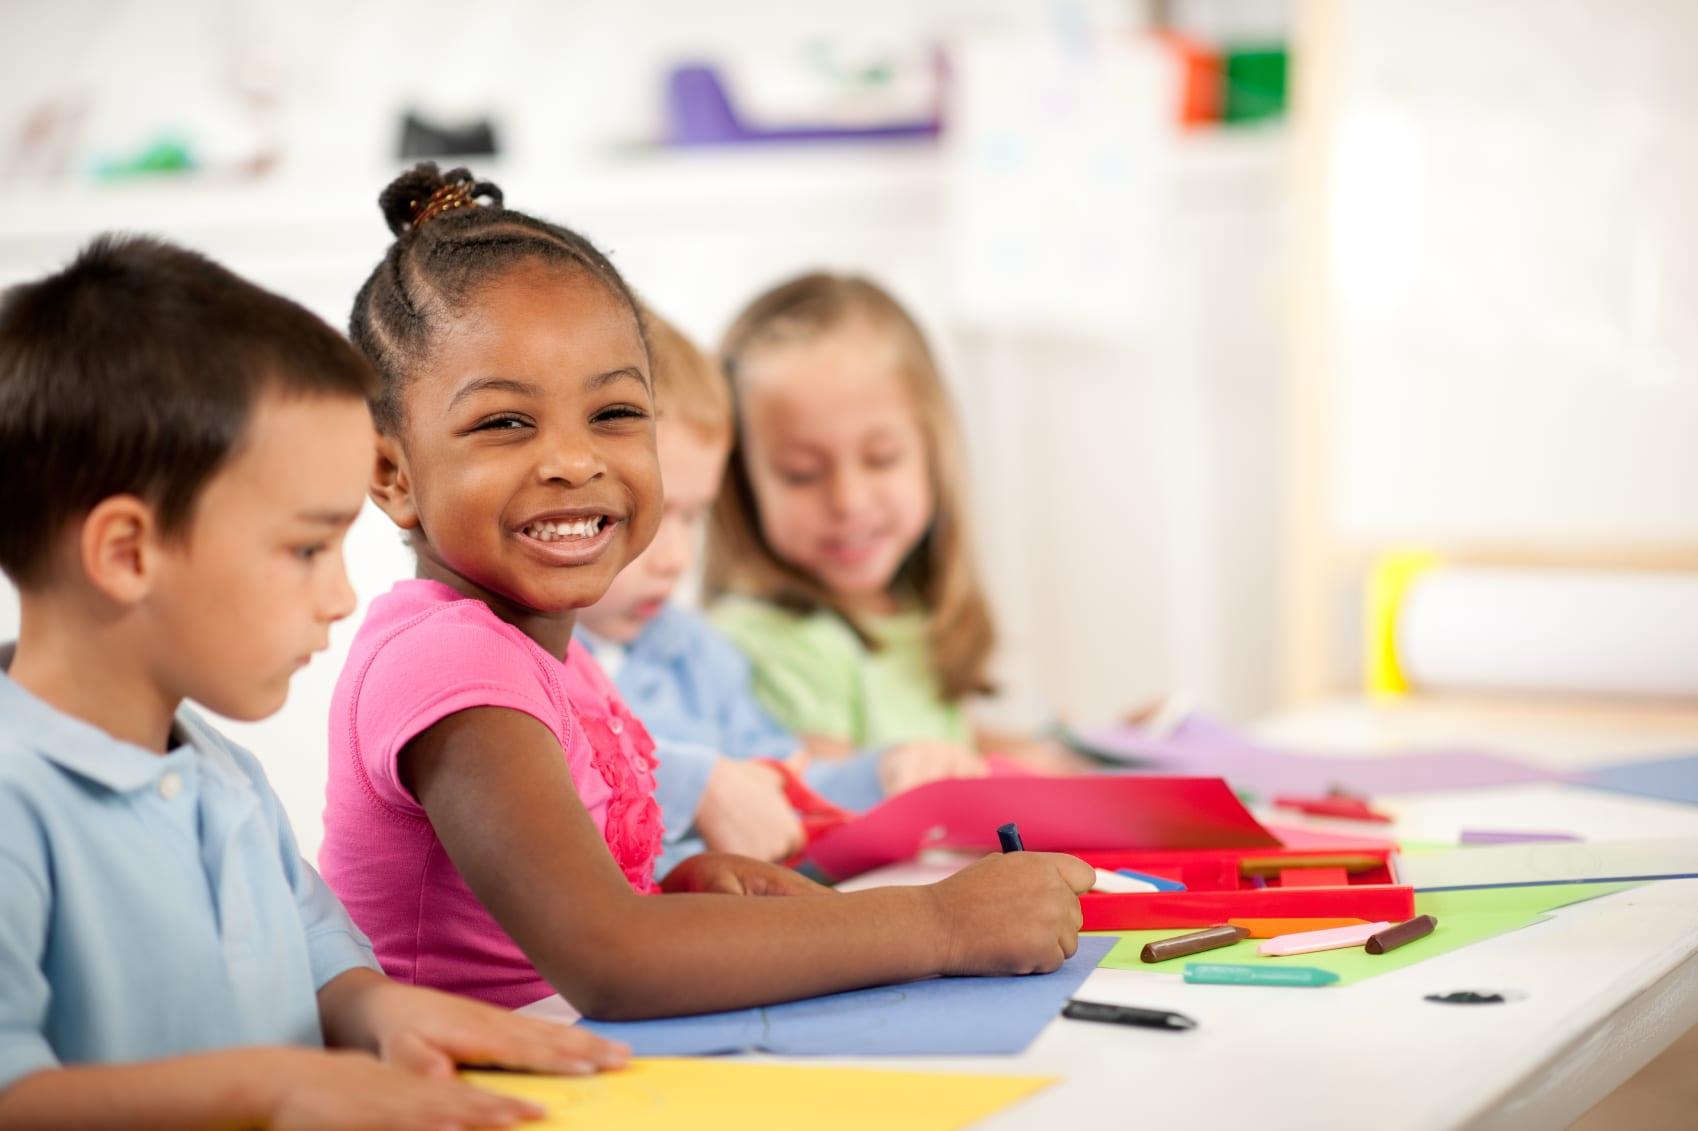 preschool children - child watch - camp